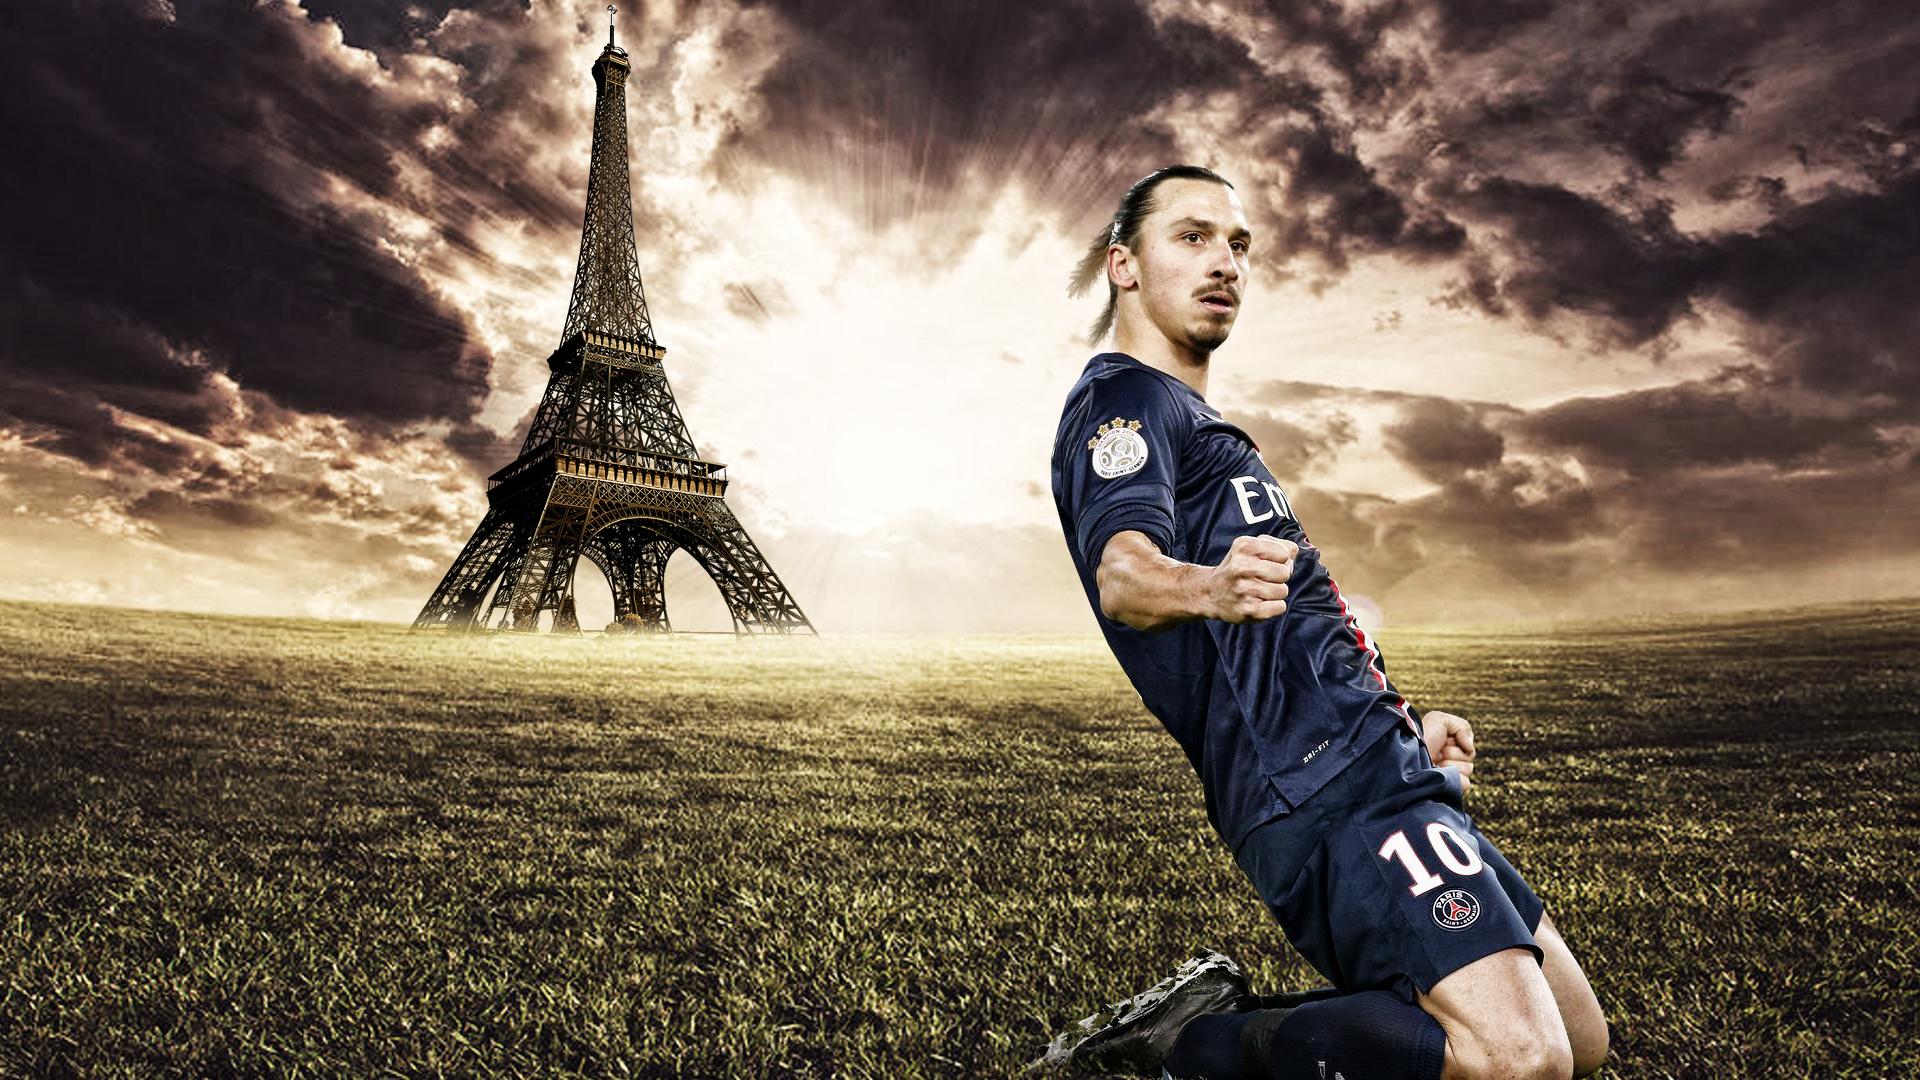 Zlatan Ibrahimovic Wallpaper 2014 Zlatan Ibrahimovic 201...